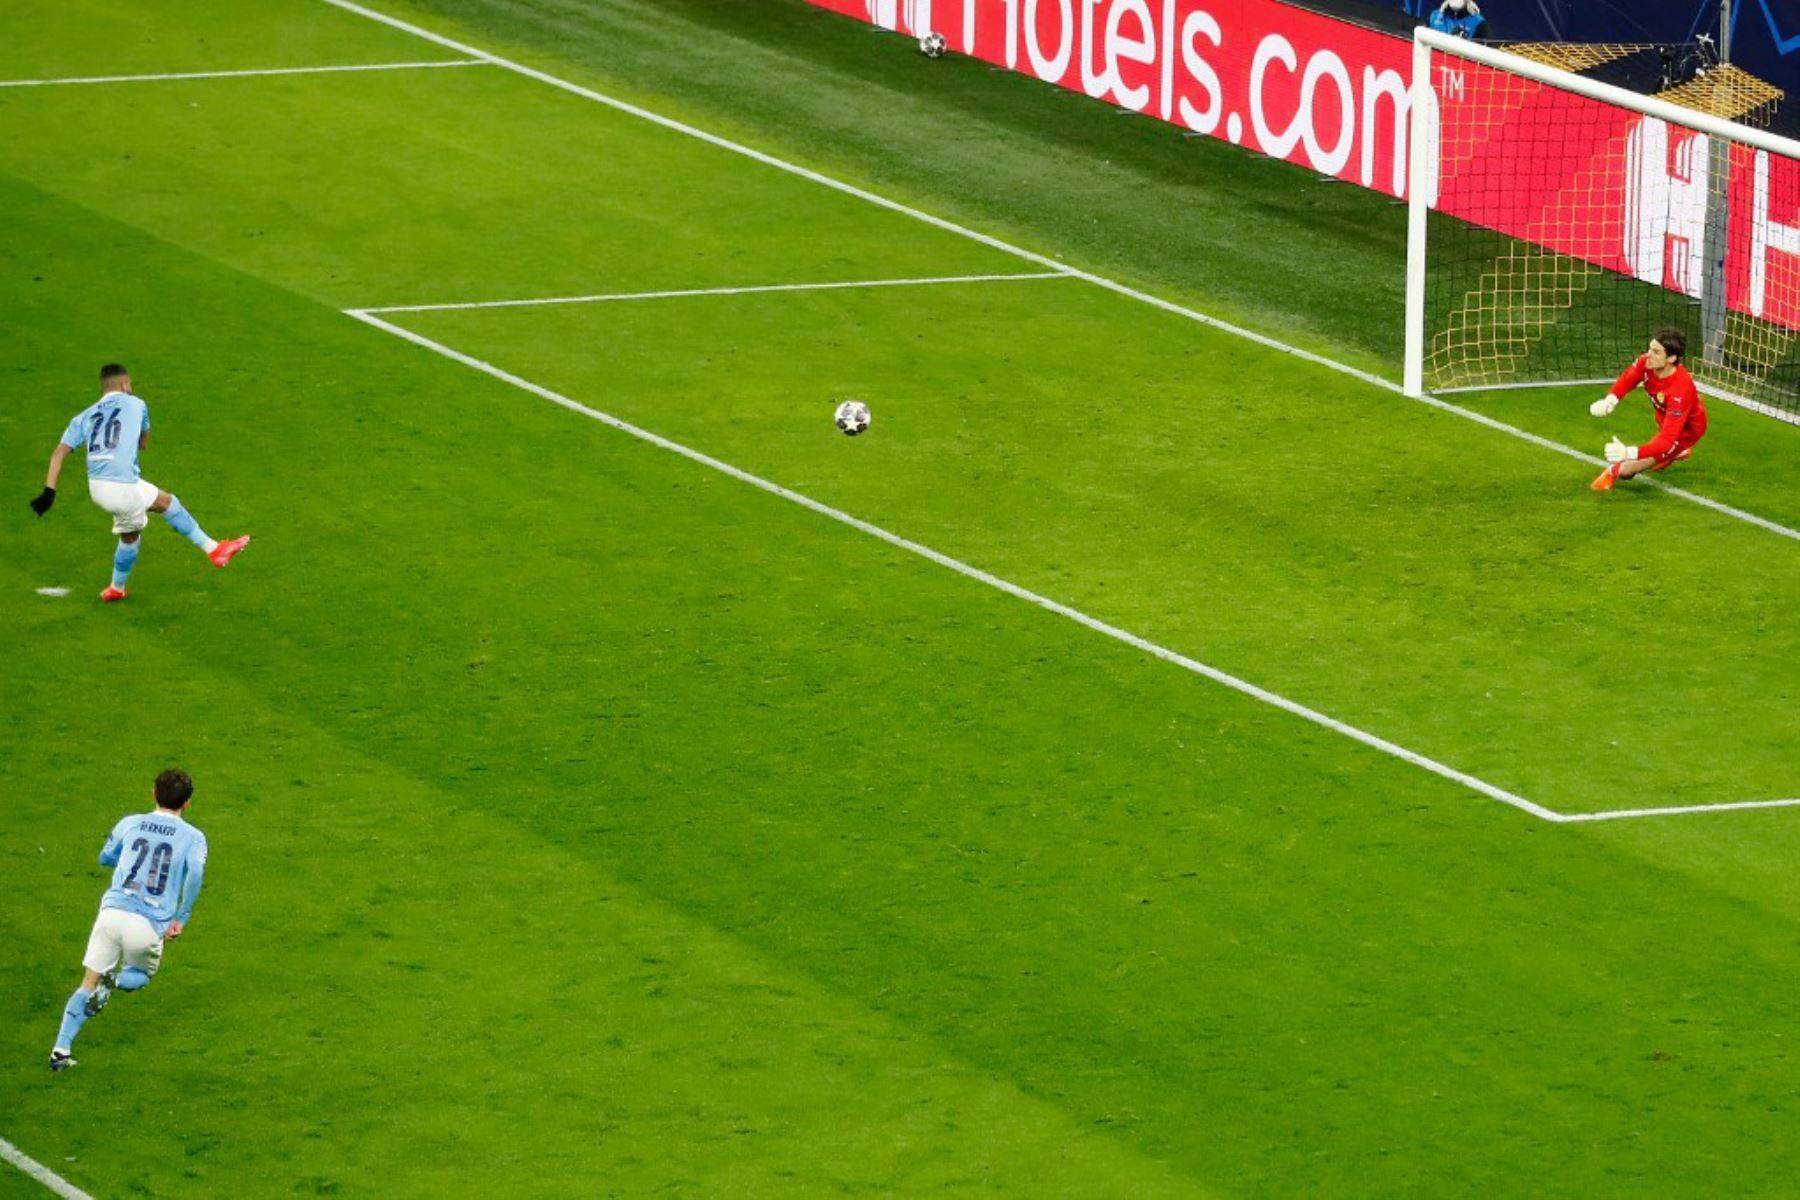 El centrocampista argelino del Manchester City Riyad Mahrez anota el gol 1-1 desde el punto de penalti pasado el portero suizo del Dortmund Marwin Hitz (R) durante los cuartos de final de la Liga de Campeones de la UEFA en el segundo tramo del partido de fútbol entre el BVB Borussia Dortmund y el Manchester City en Dortmund.  Foto: AFP